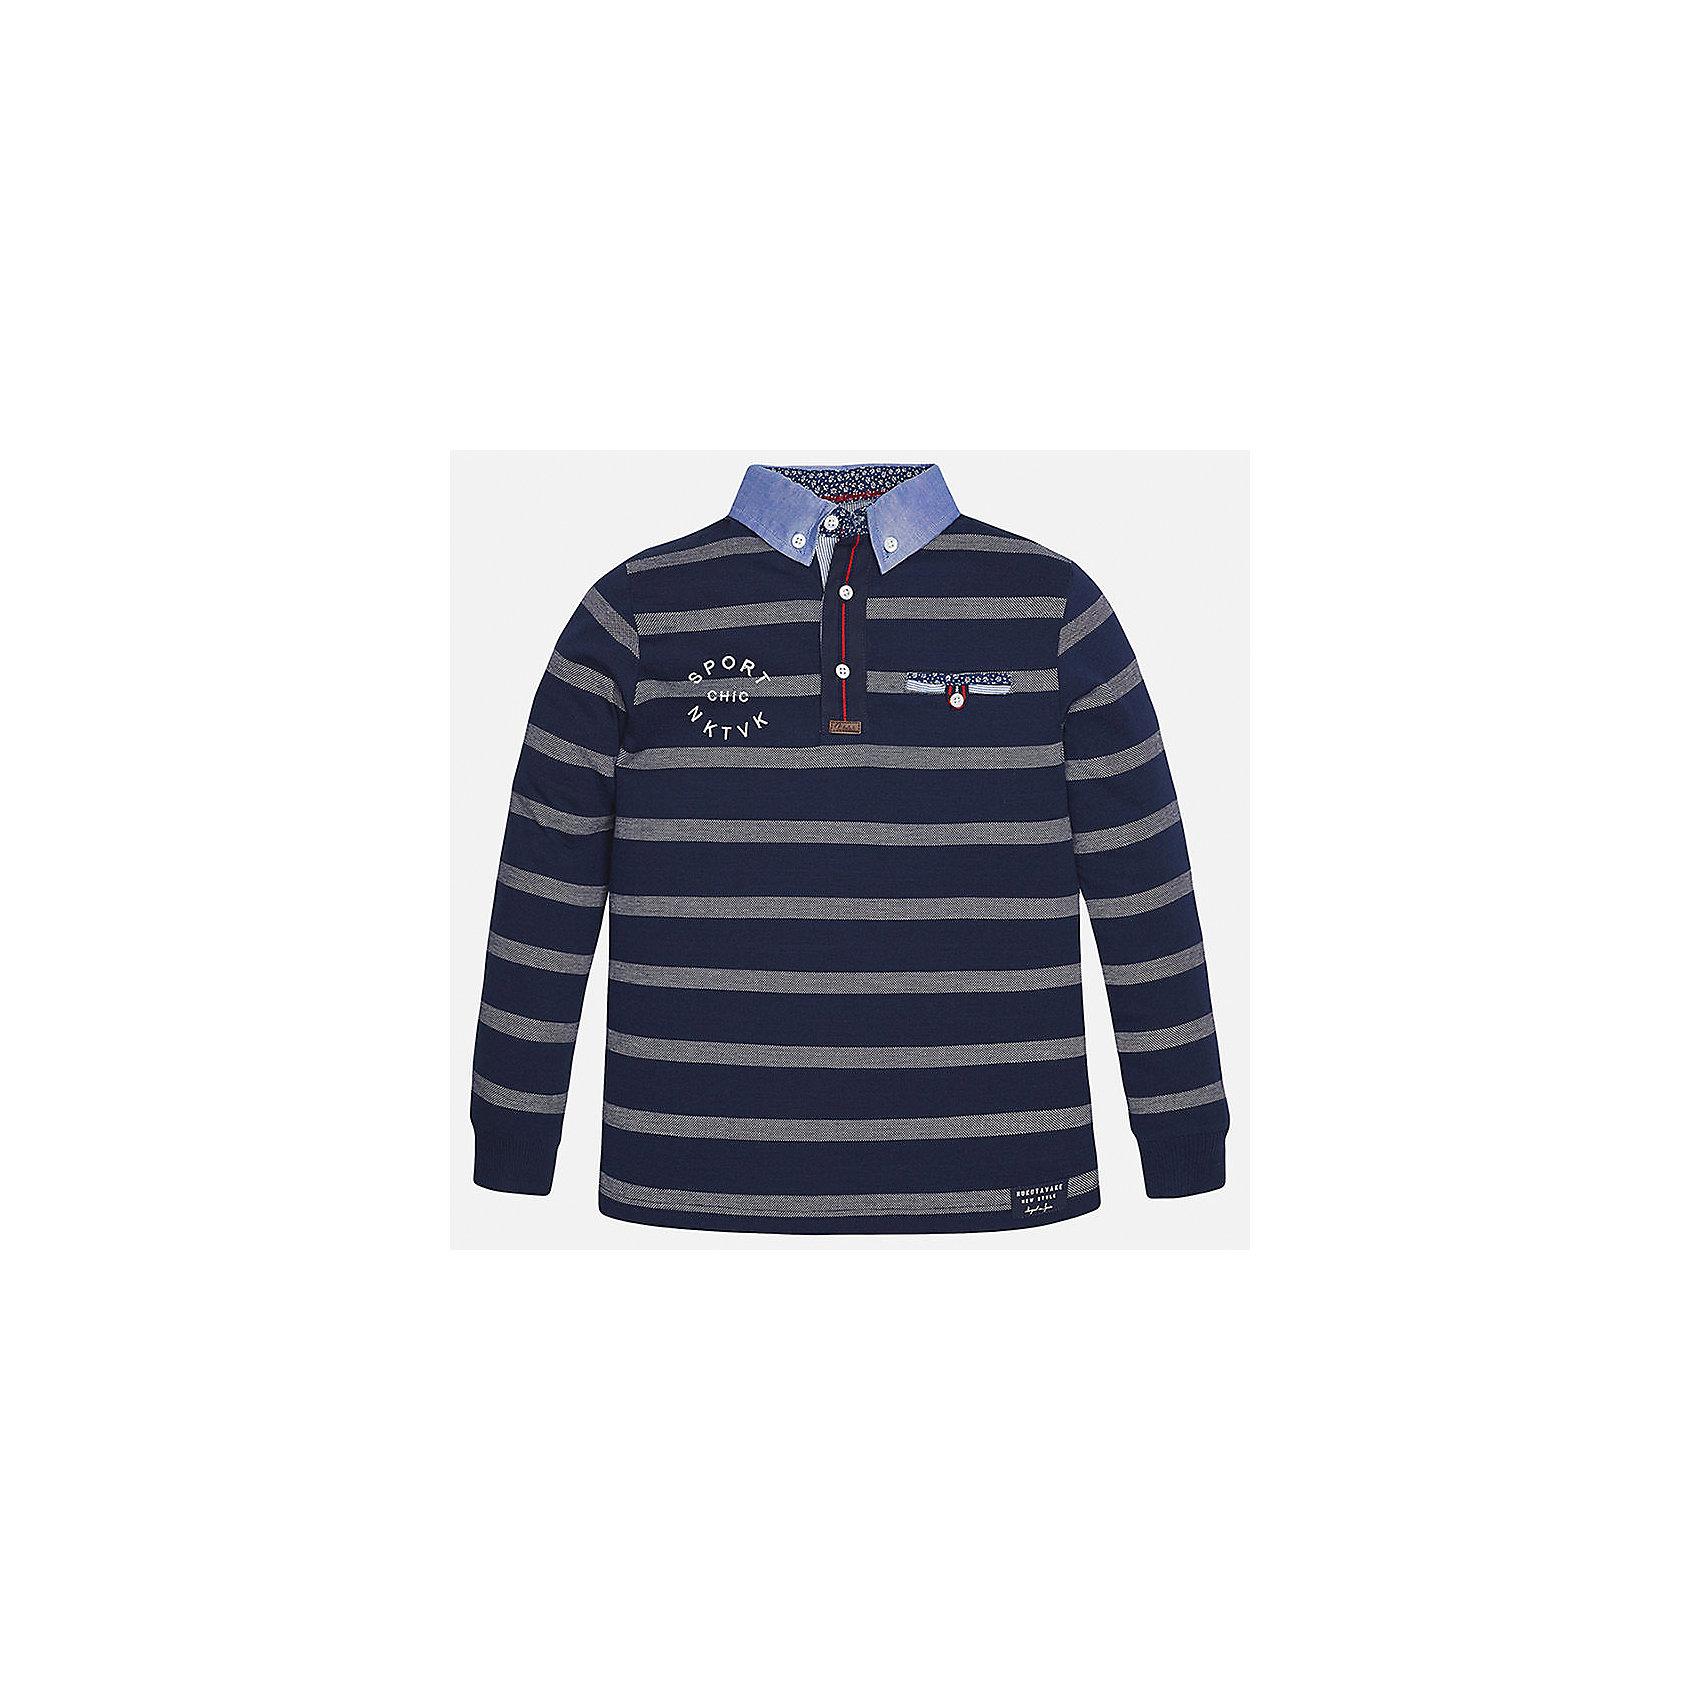 Футболка-поло с длинным рукавом для мальчика MayoralФутболки с длинным рукавом<br>Характеристики товара:<br><br>• цвет: синий<br>• состав: 100% хлопок<br>• отложной воротник<br>• декорирована вышивкой<br>• длинные рукава<br>• застежки: пуговицы<br>• страна бренда: Испания<br><br>Удобная стильная рубашка-поло поможет разнообразить гардероб мальчика. Она отлично сочетается с брюками, шортами, джинсами. Универсальный крой и цвет позволяет подобрать к вещи низ разных расцветок. Практичное и стильное изделие! Хорошо смотрится и комфортно сидит на детях. В составе материала - только натуральный хлопок, гипоаллергенный, приятный на ощупь, дышащий. <br><br>Одежда, обувь и аксессуары от испанского бренда Mayoral полюбились детям и взрослым по всему миру. Модели этой марки - стильные и удобные. Для их производства используются только безопасные, качественные материалы и фурнитура. Порадуйте ребенка модными и красивыми вещами от Mayoral! <br><br>Рубашку-поло для мальчика от испанского бренда Mayoral (Майорал) можно купить в нашем интернет-магазине.<br><br>Ширина мм: 230<br>Глубина мм: 40<br>Высота мм: 220<br>Вес г: 250<br>Цвет: синий<br>Возраст от месяцев: 144<br>Возраст до месяцев: 156<br>Пол: Мужской<br>Возраст: Детский<br>Размер: 164,152,140,170,158,128/134<br>SKU: 5281568